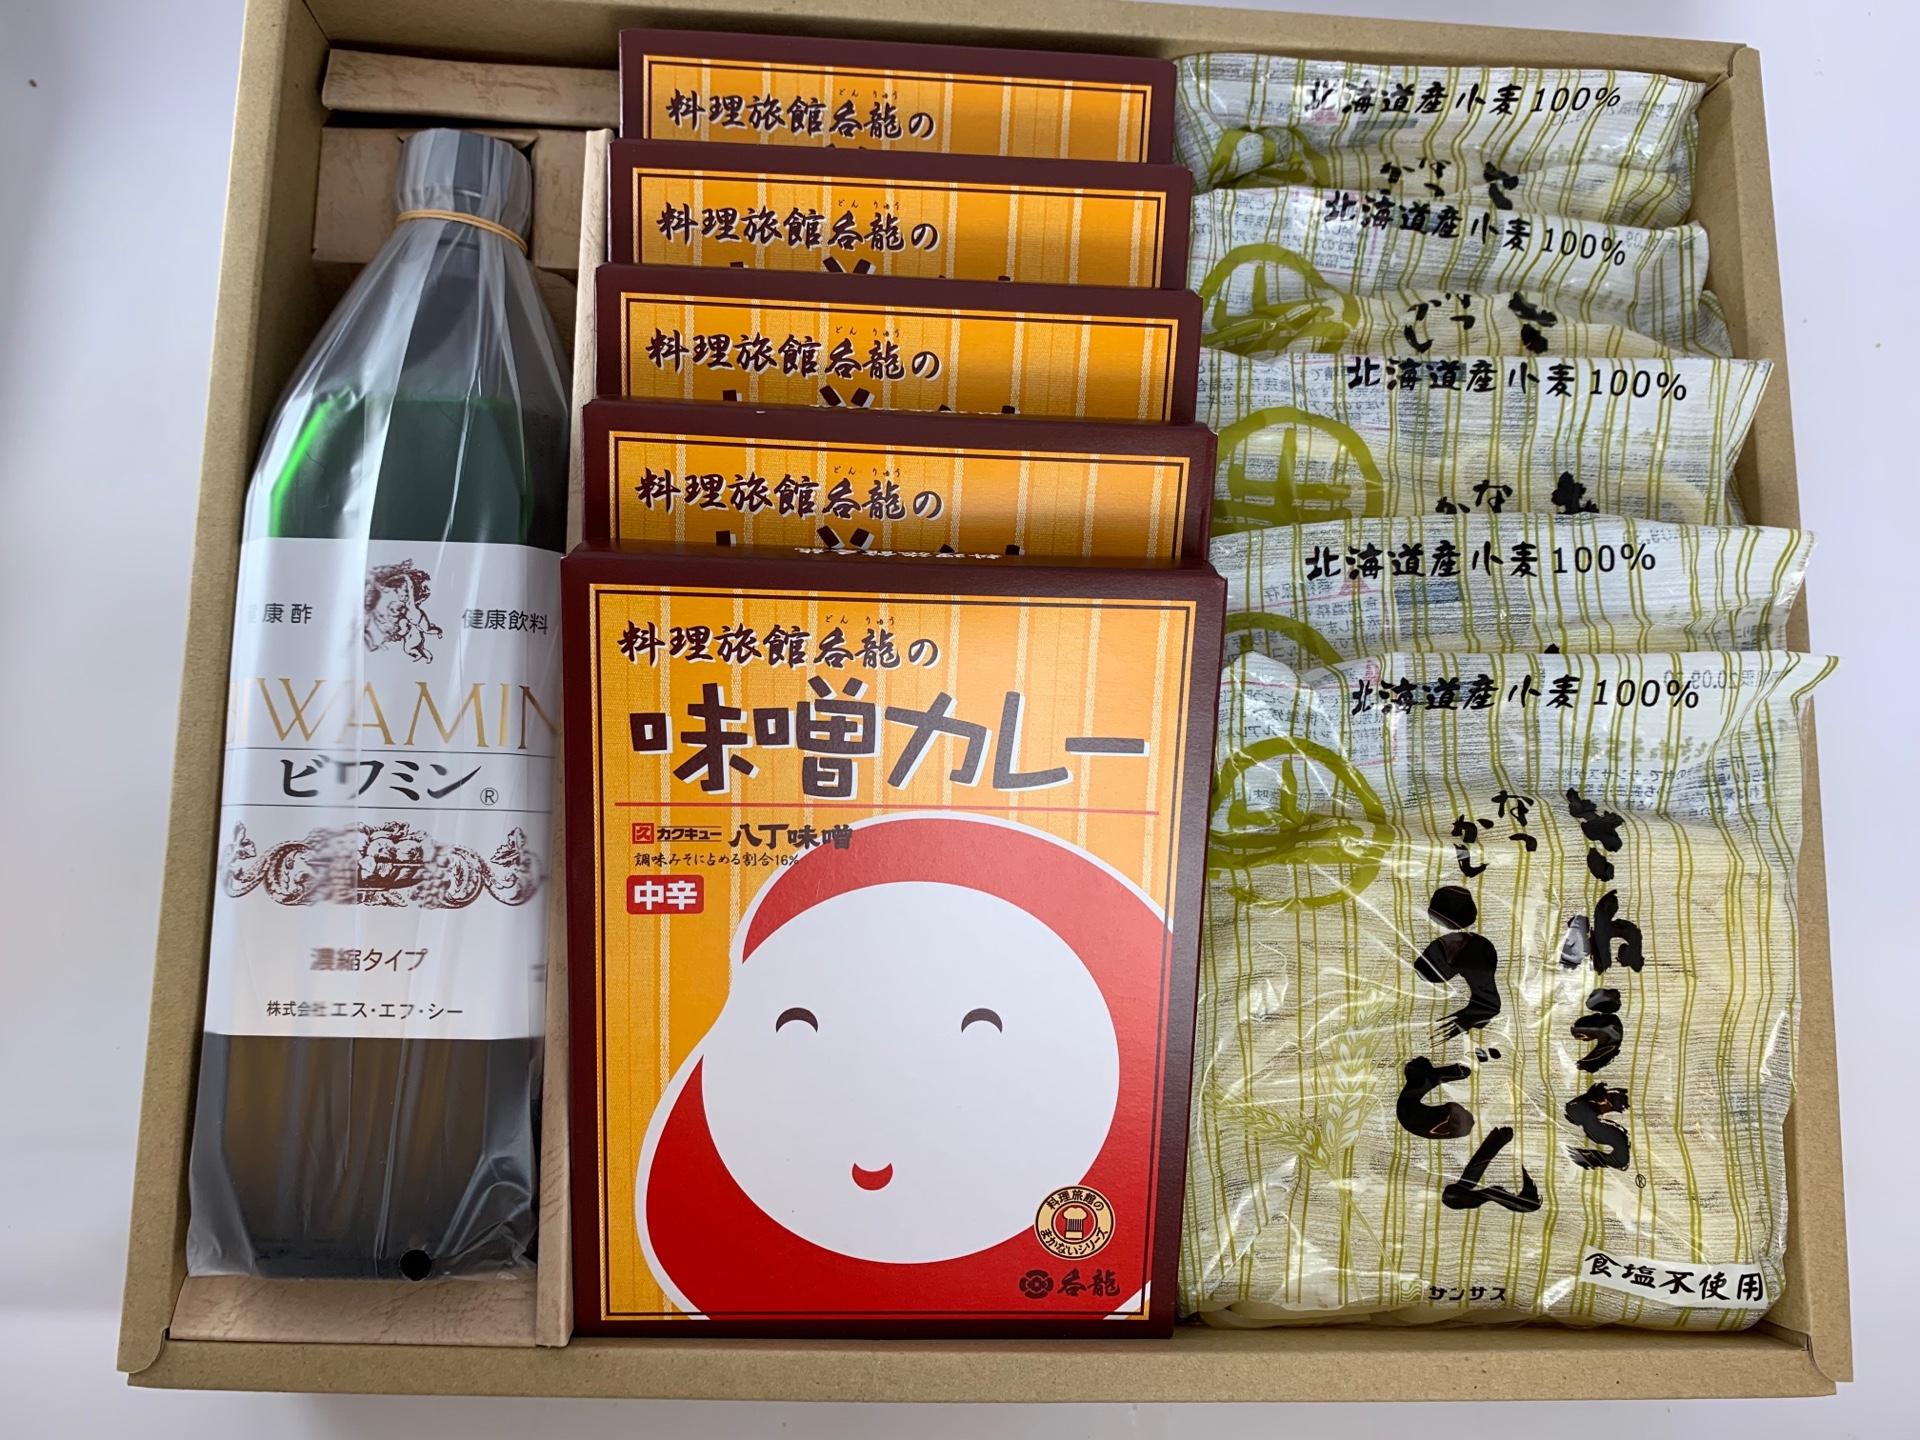 呑龍の健康ギフト 料理旅館呑龍の味噌カレーうどん5食とビワ葉エキス配合「ビワミン」セット